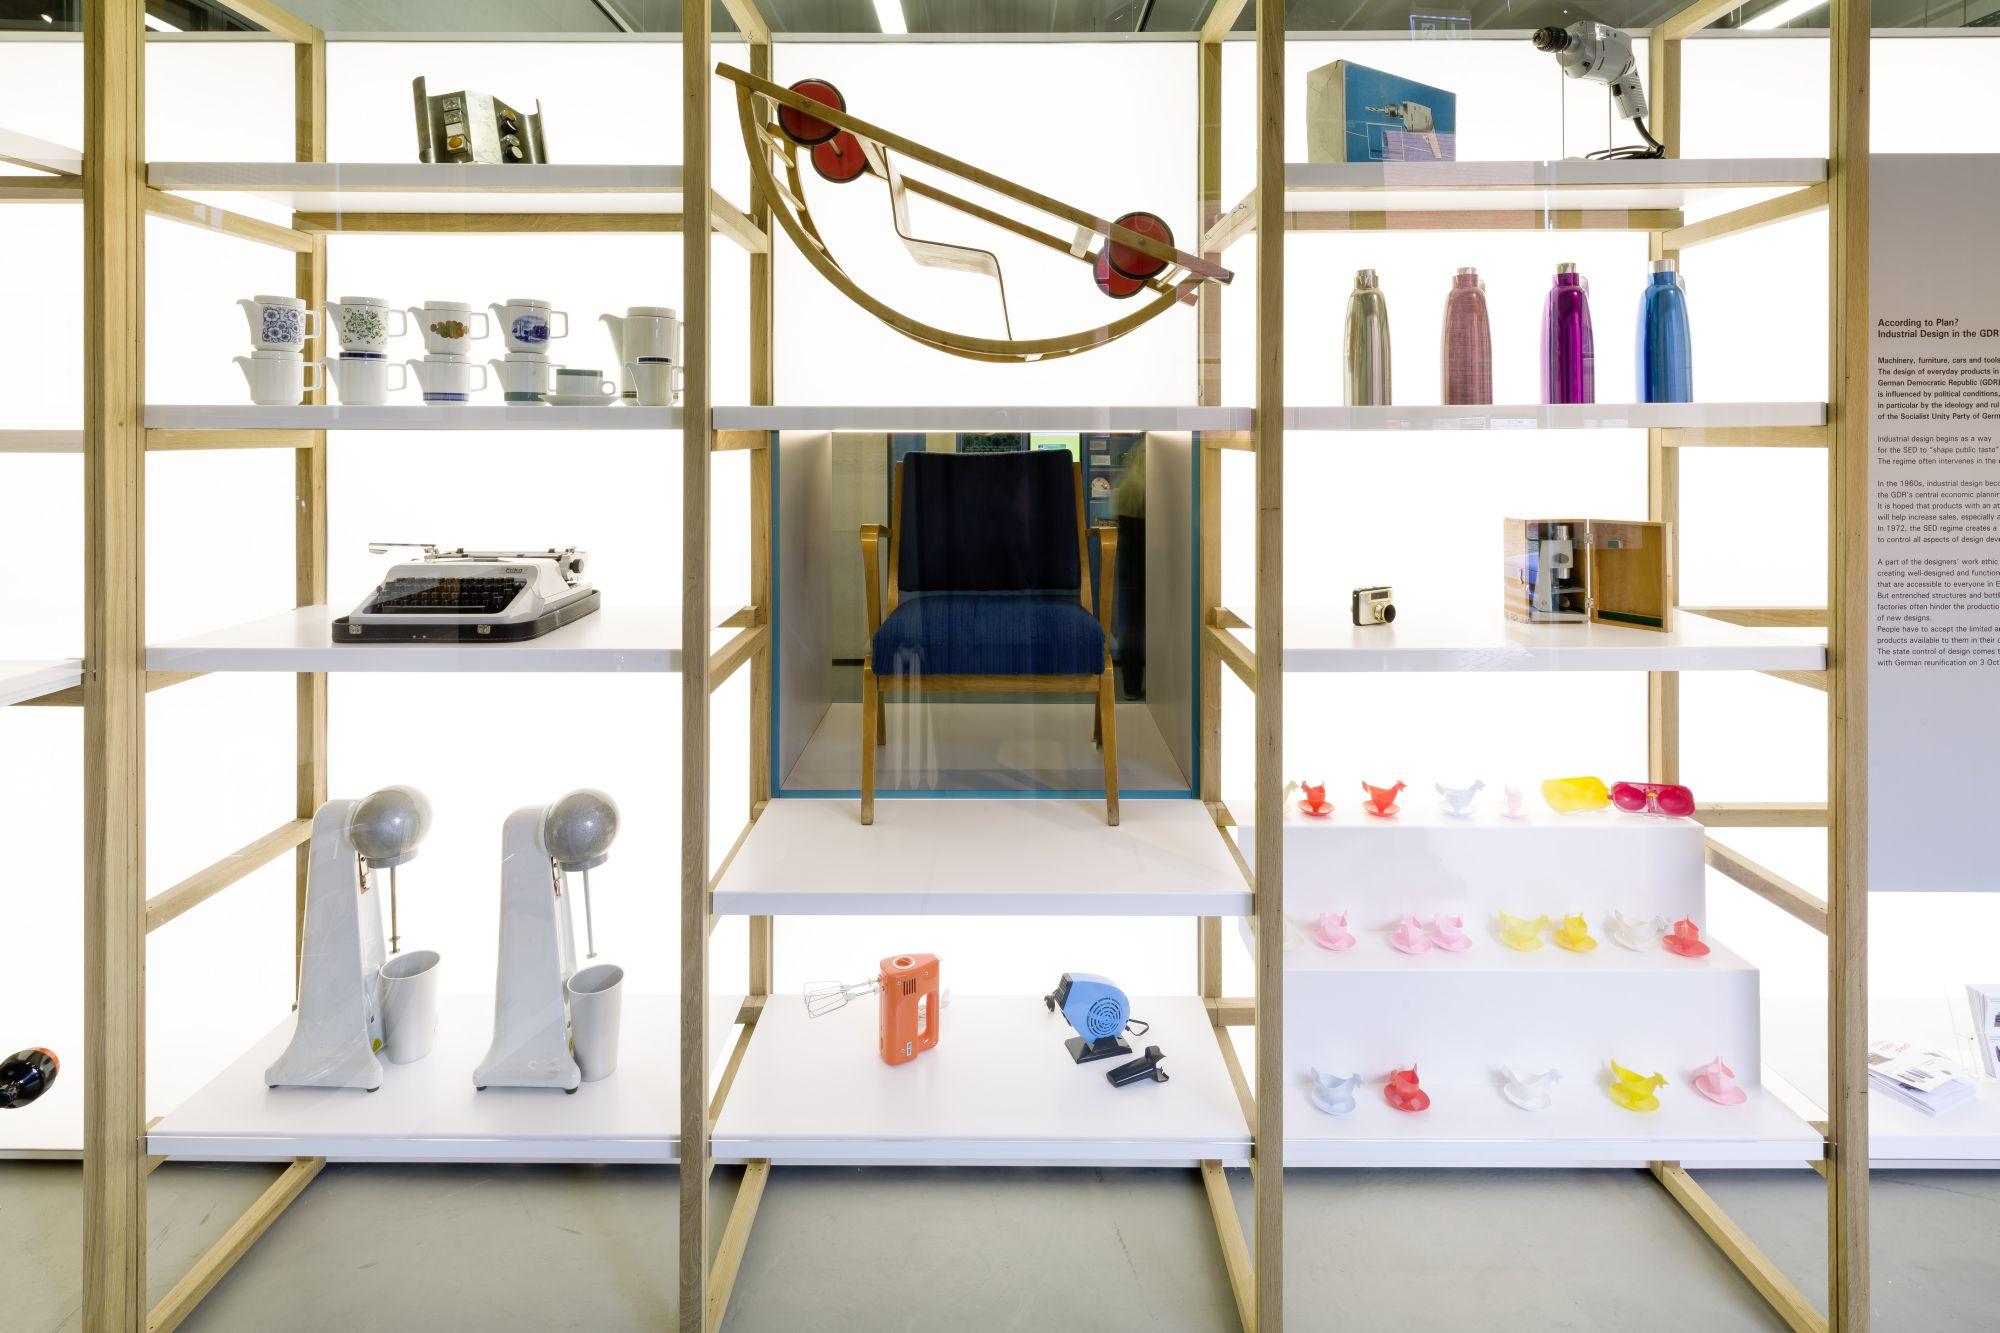 Ein großes Regal mit vielen farbigen Produkten wie Isolierkannen, Eierbechern, einem Föhn, Mixern, einer Schreibmaschine, Kaffeekännchen und einem großen Stuhl